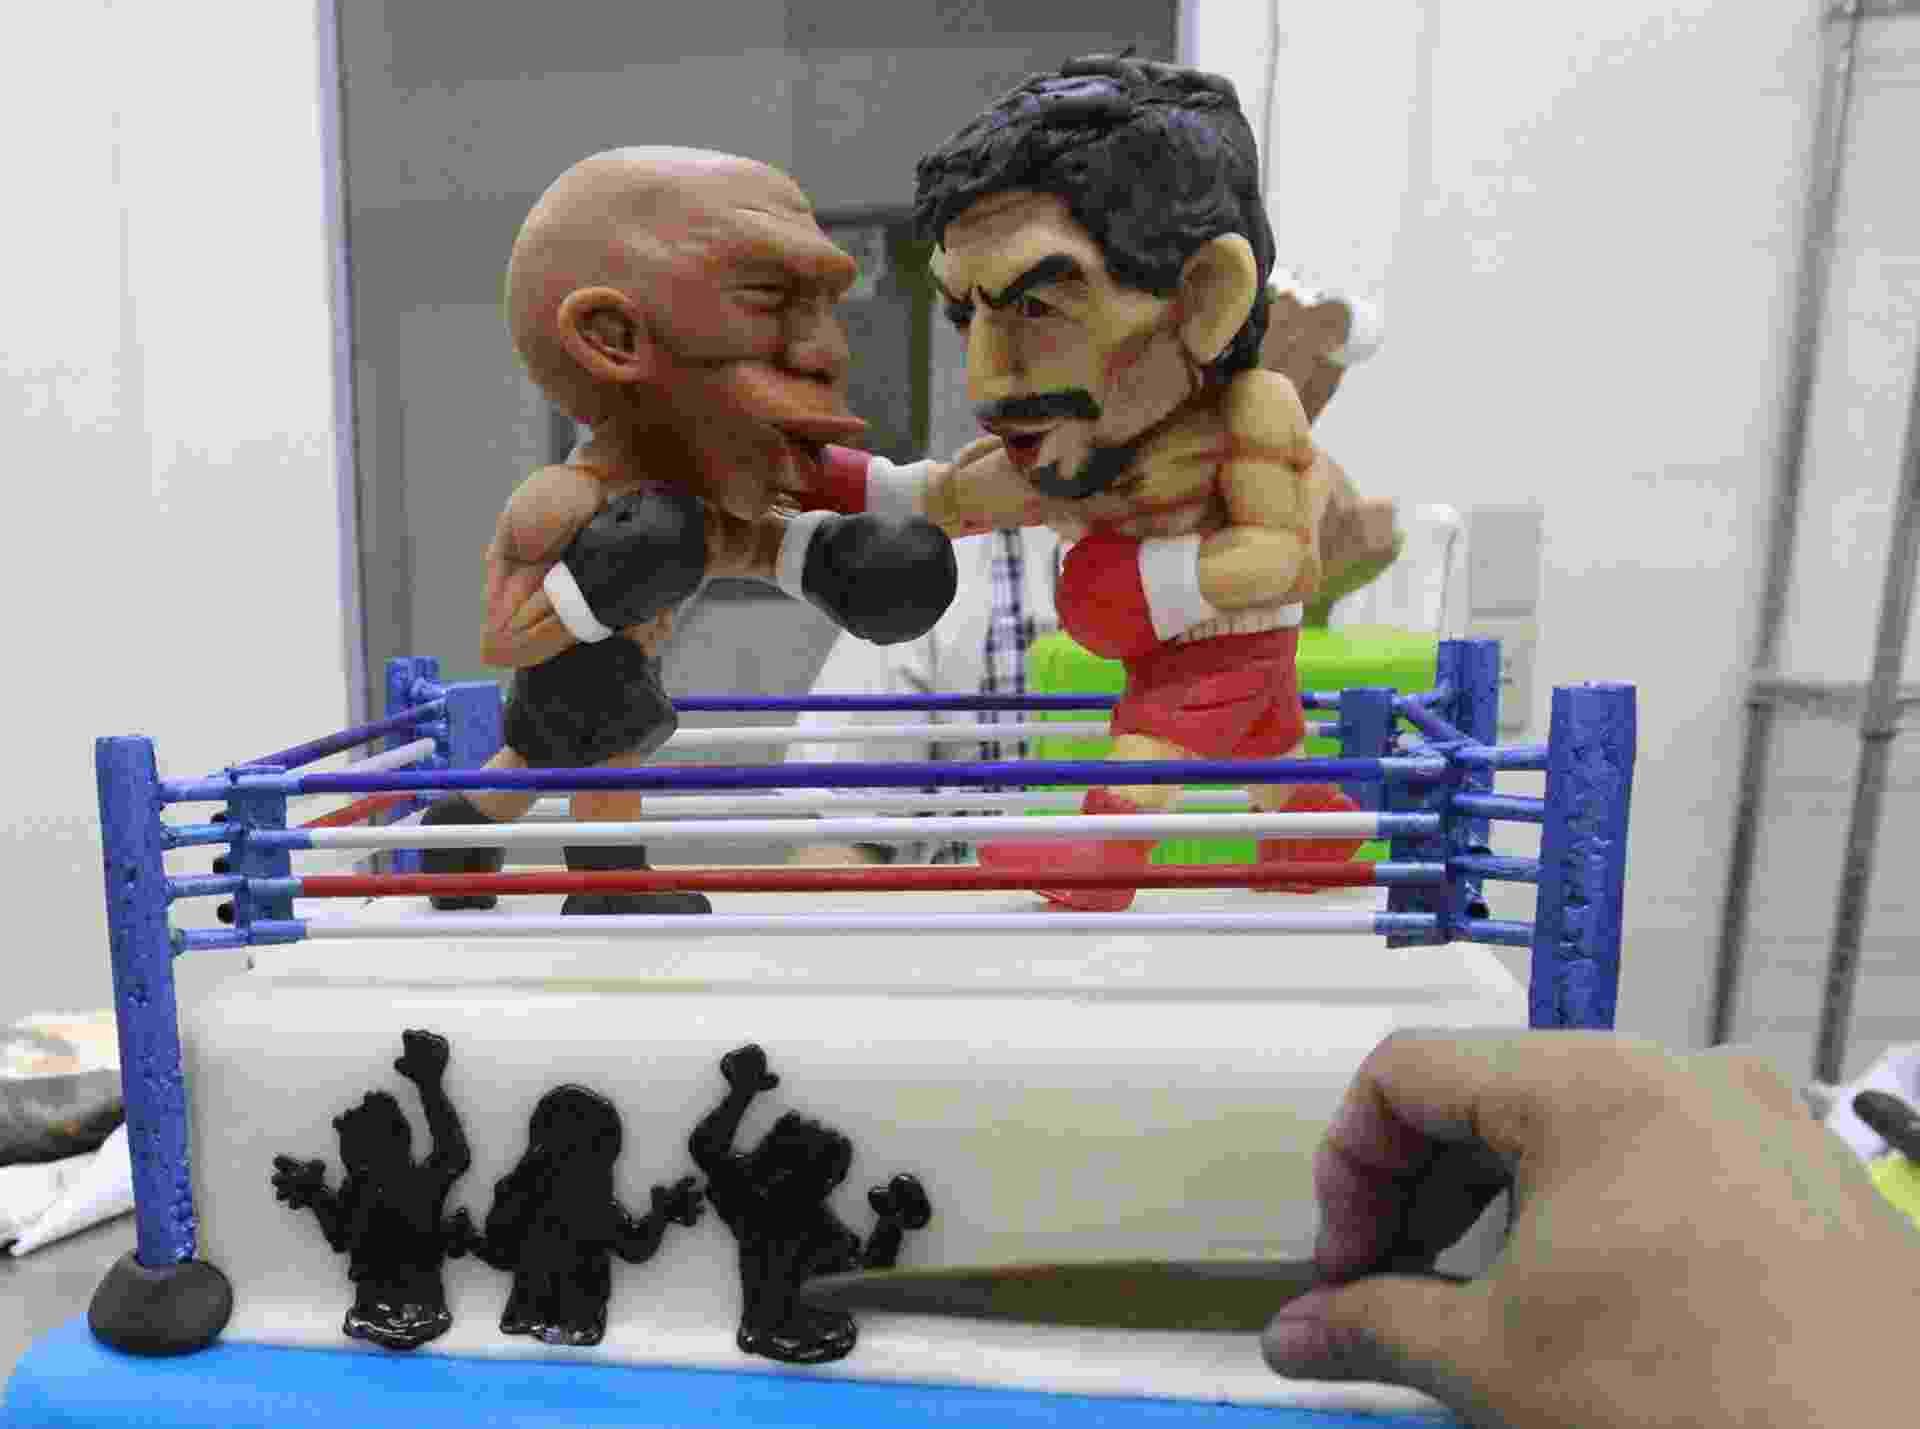 Nas Filipinas, luta entre Floyd Mayweather Jr. e Manny Pacquiao virou bolo - ROMEO RANOCO/REUTERS